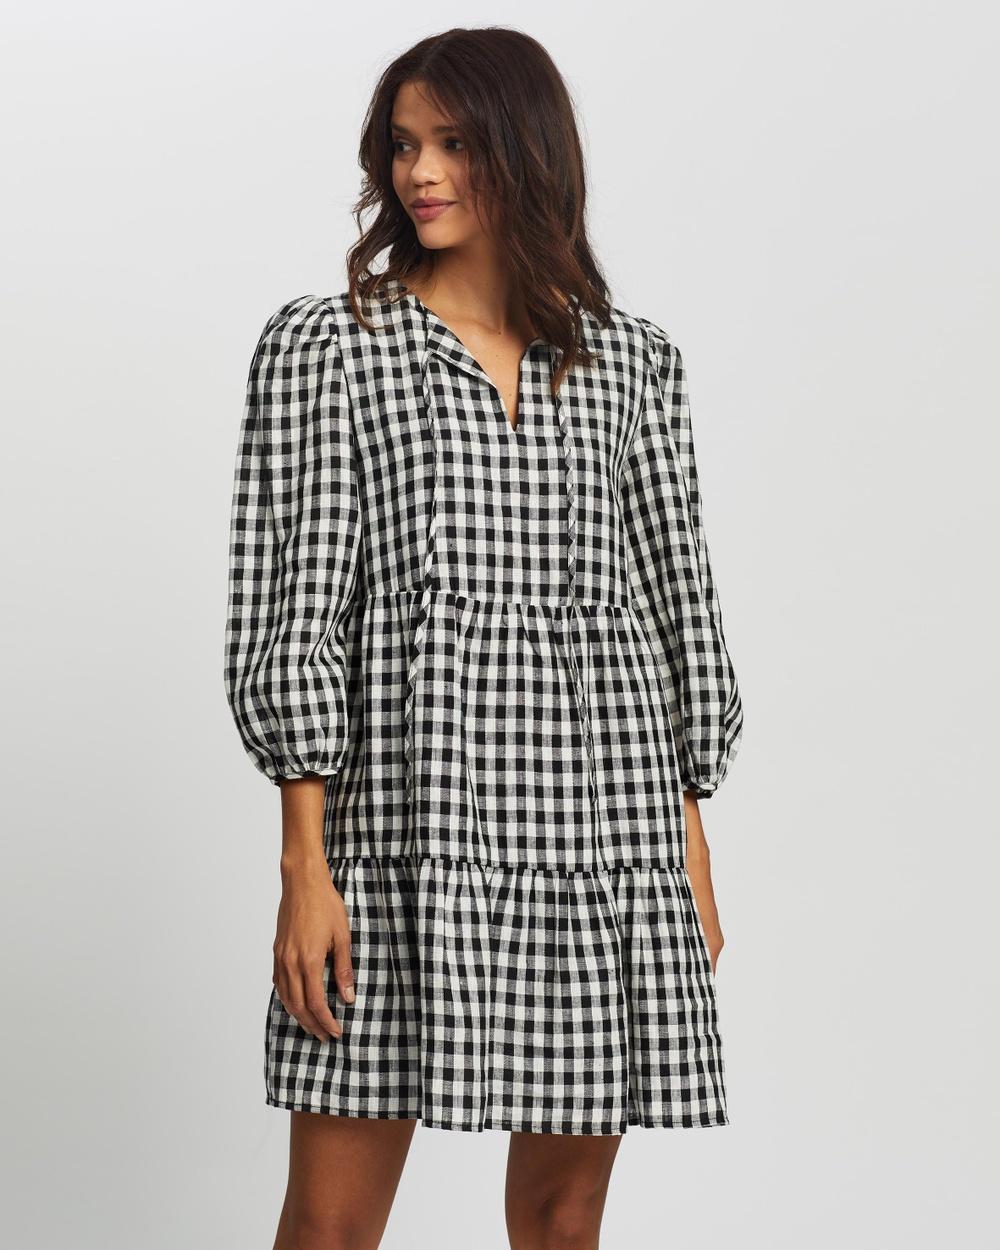 AERE Linen Smock Dress Dresses Black & White Check Australia